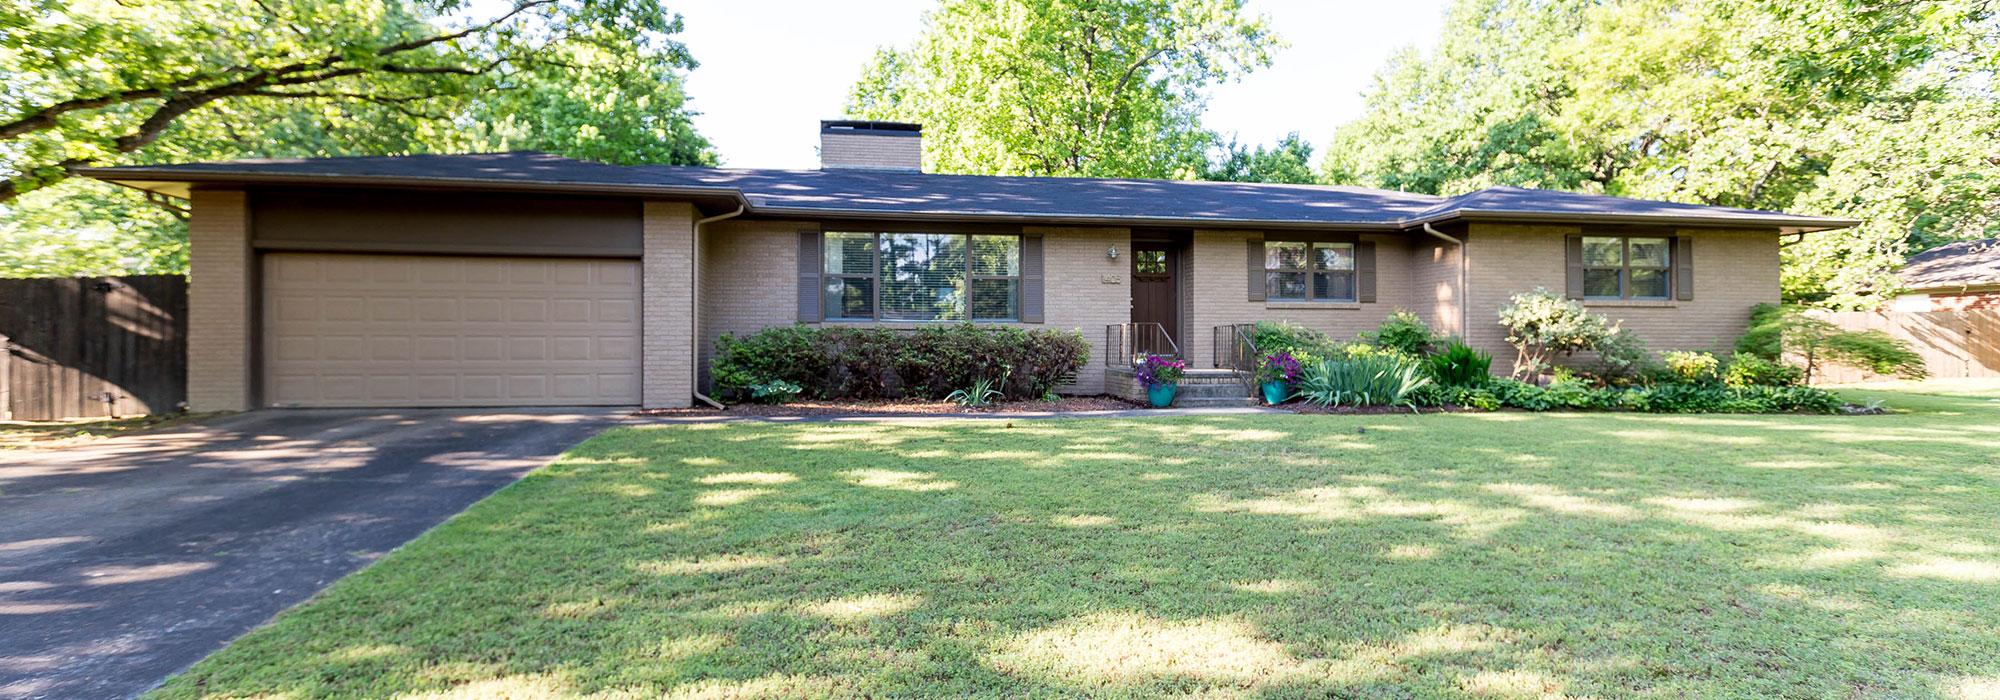 1405 E Oakcliff St, Fayetteville, AR